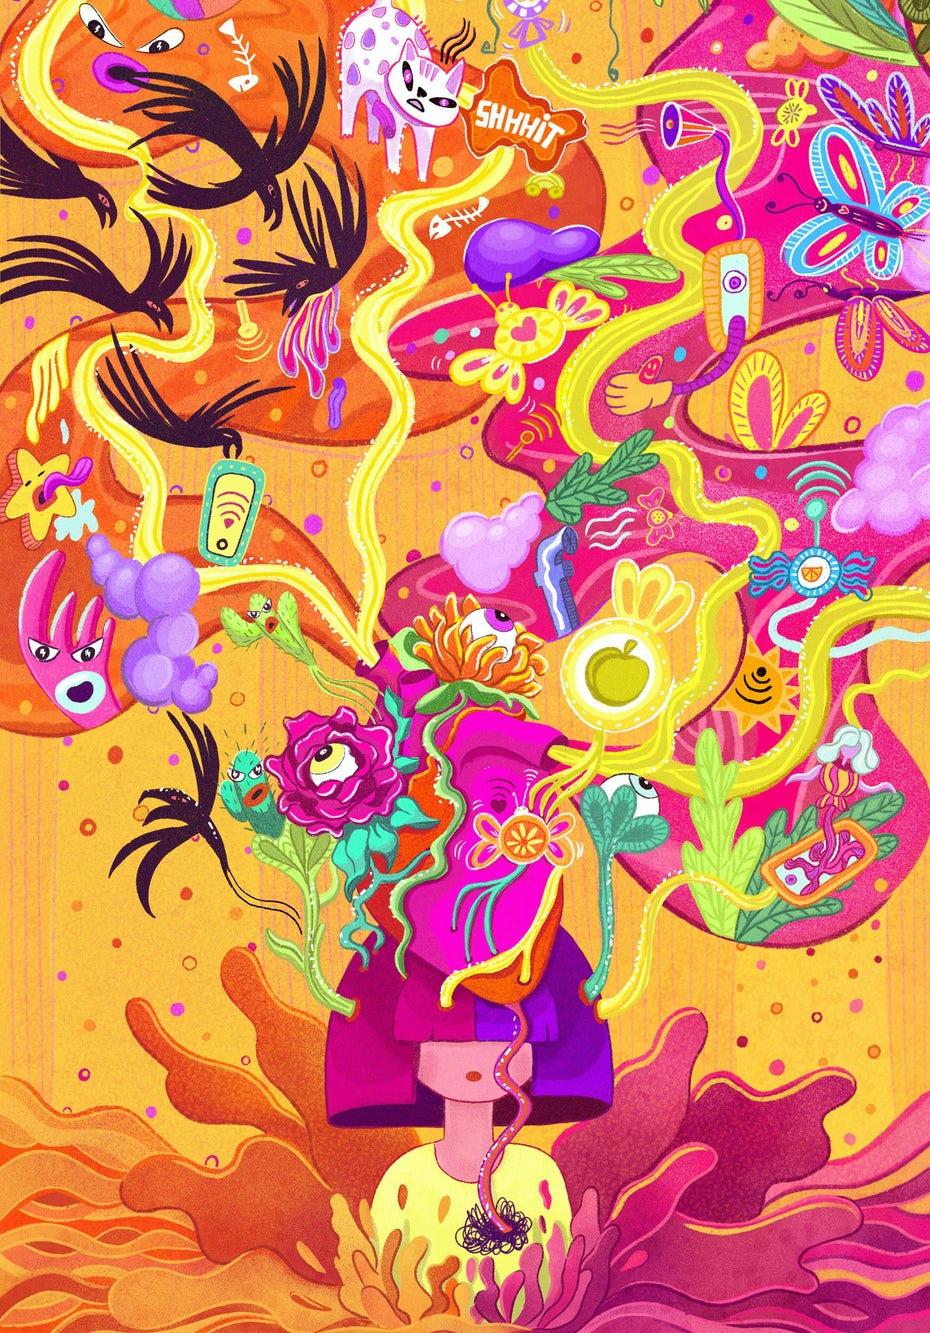 Яркие, сюрреалистические и абстрактные иллюстрации